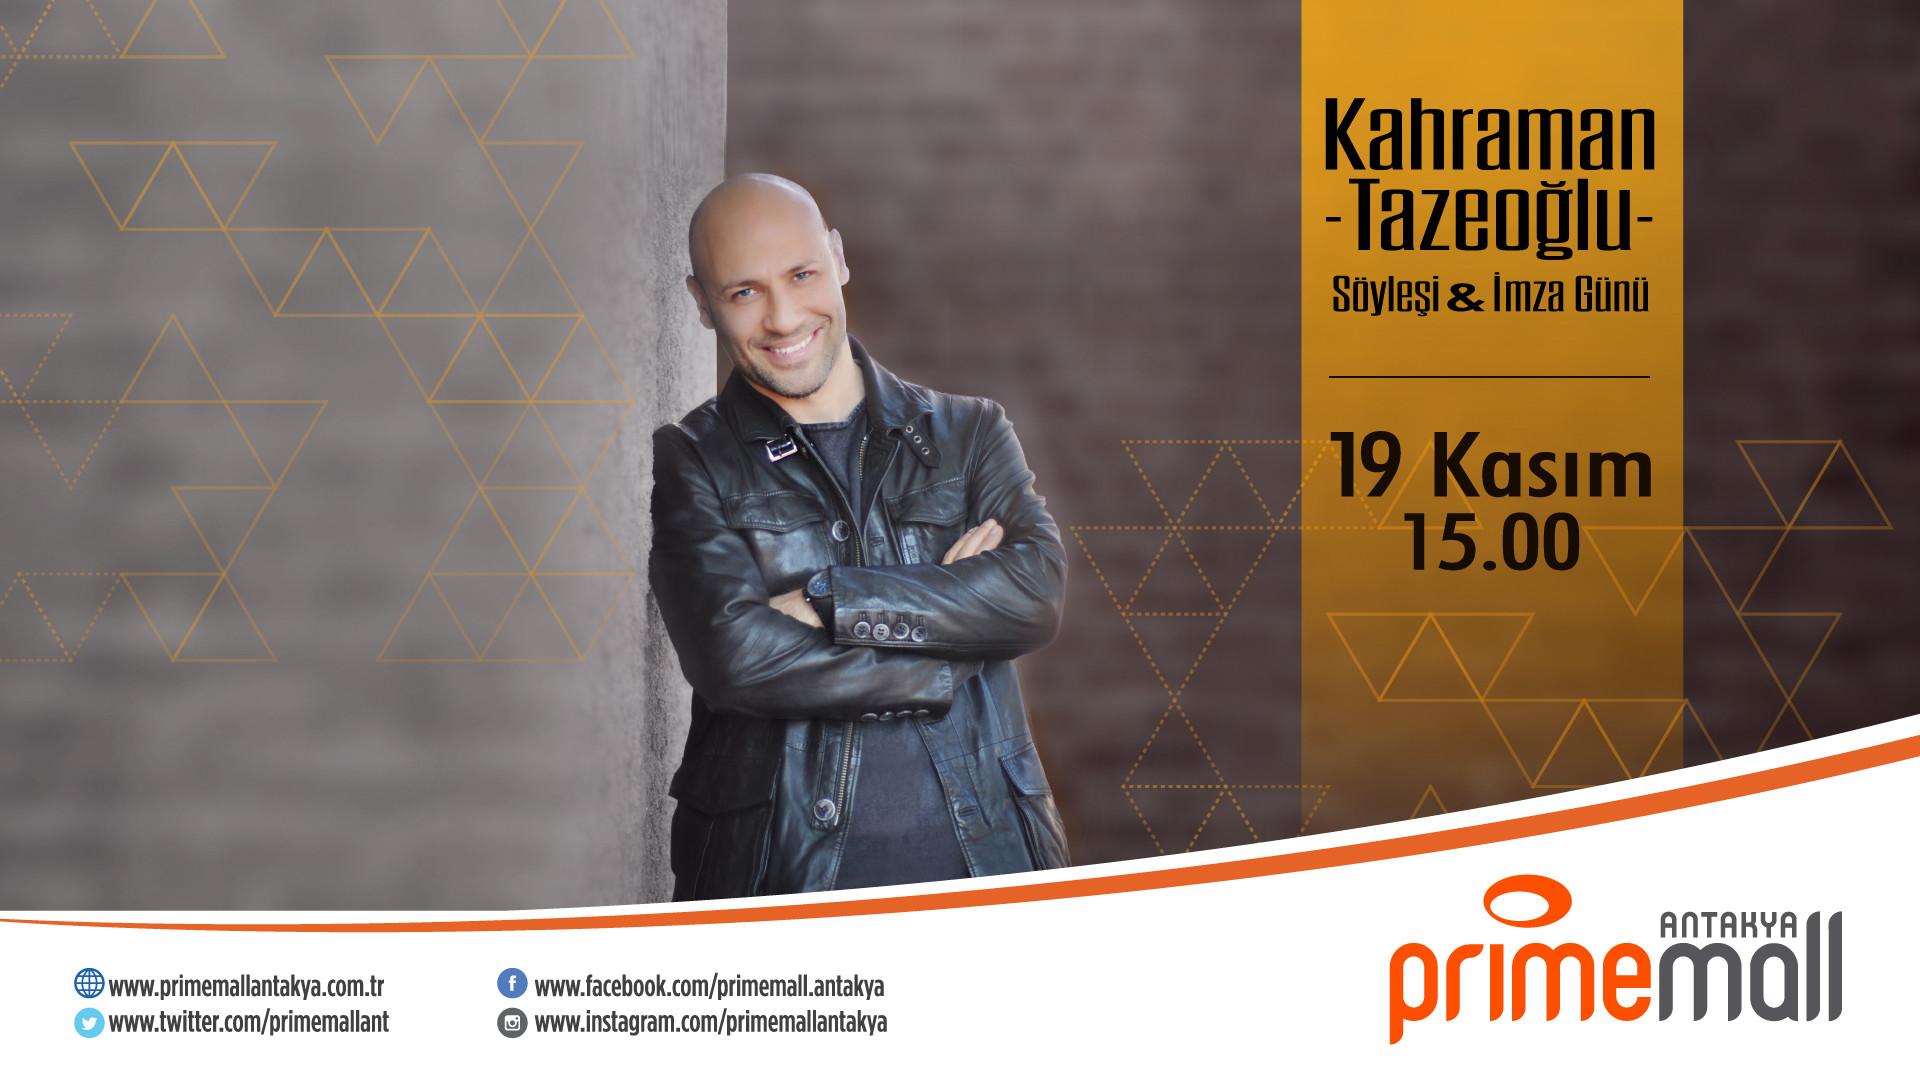 Kahraman Tazeoğlu Söyleşi&İmza Günü